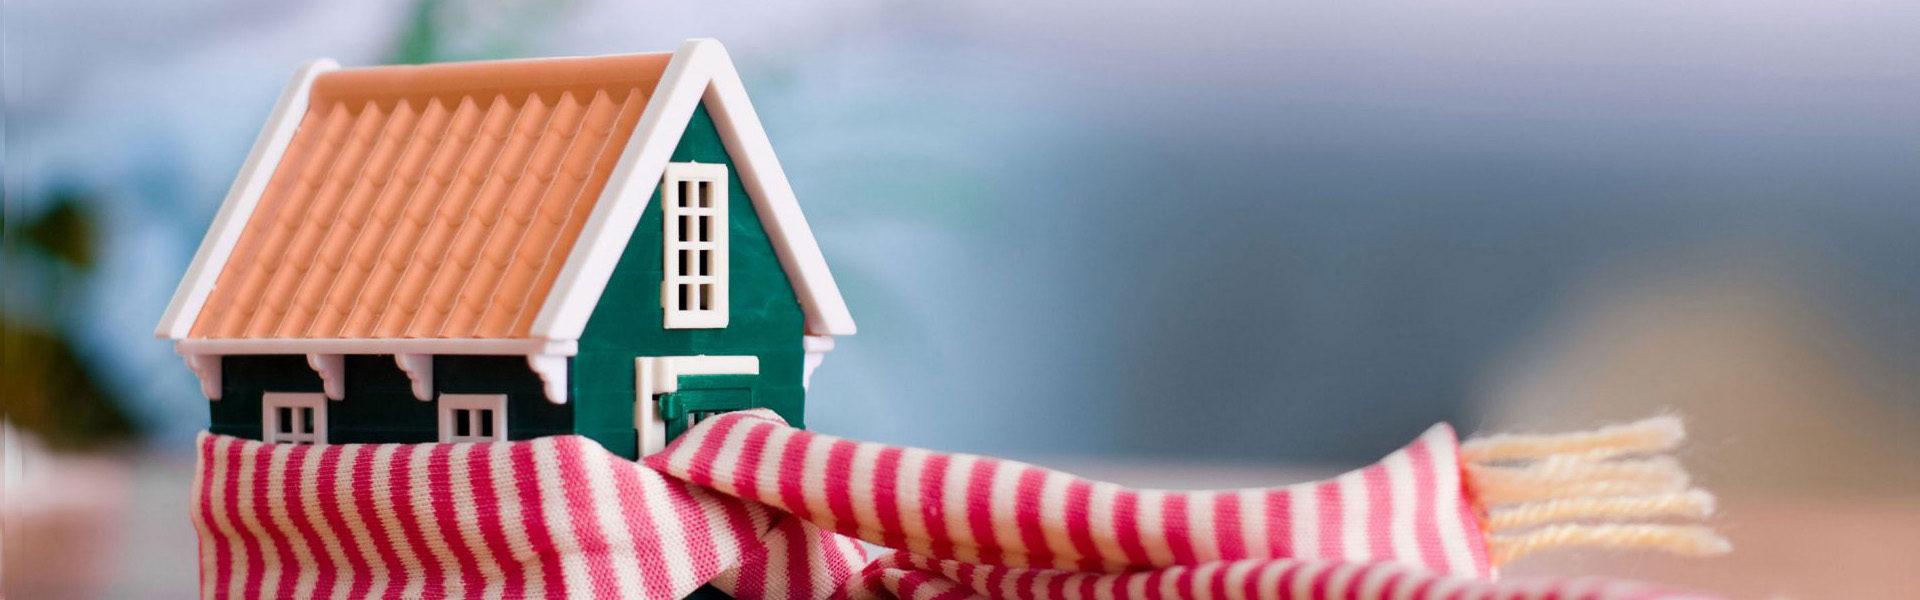 Профессионально и качественно обогреем Ваш дом без переплаты